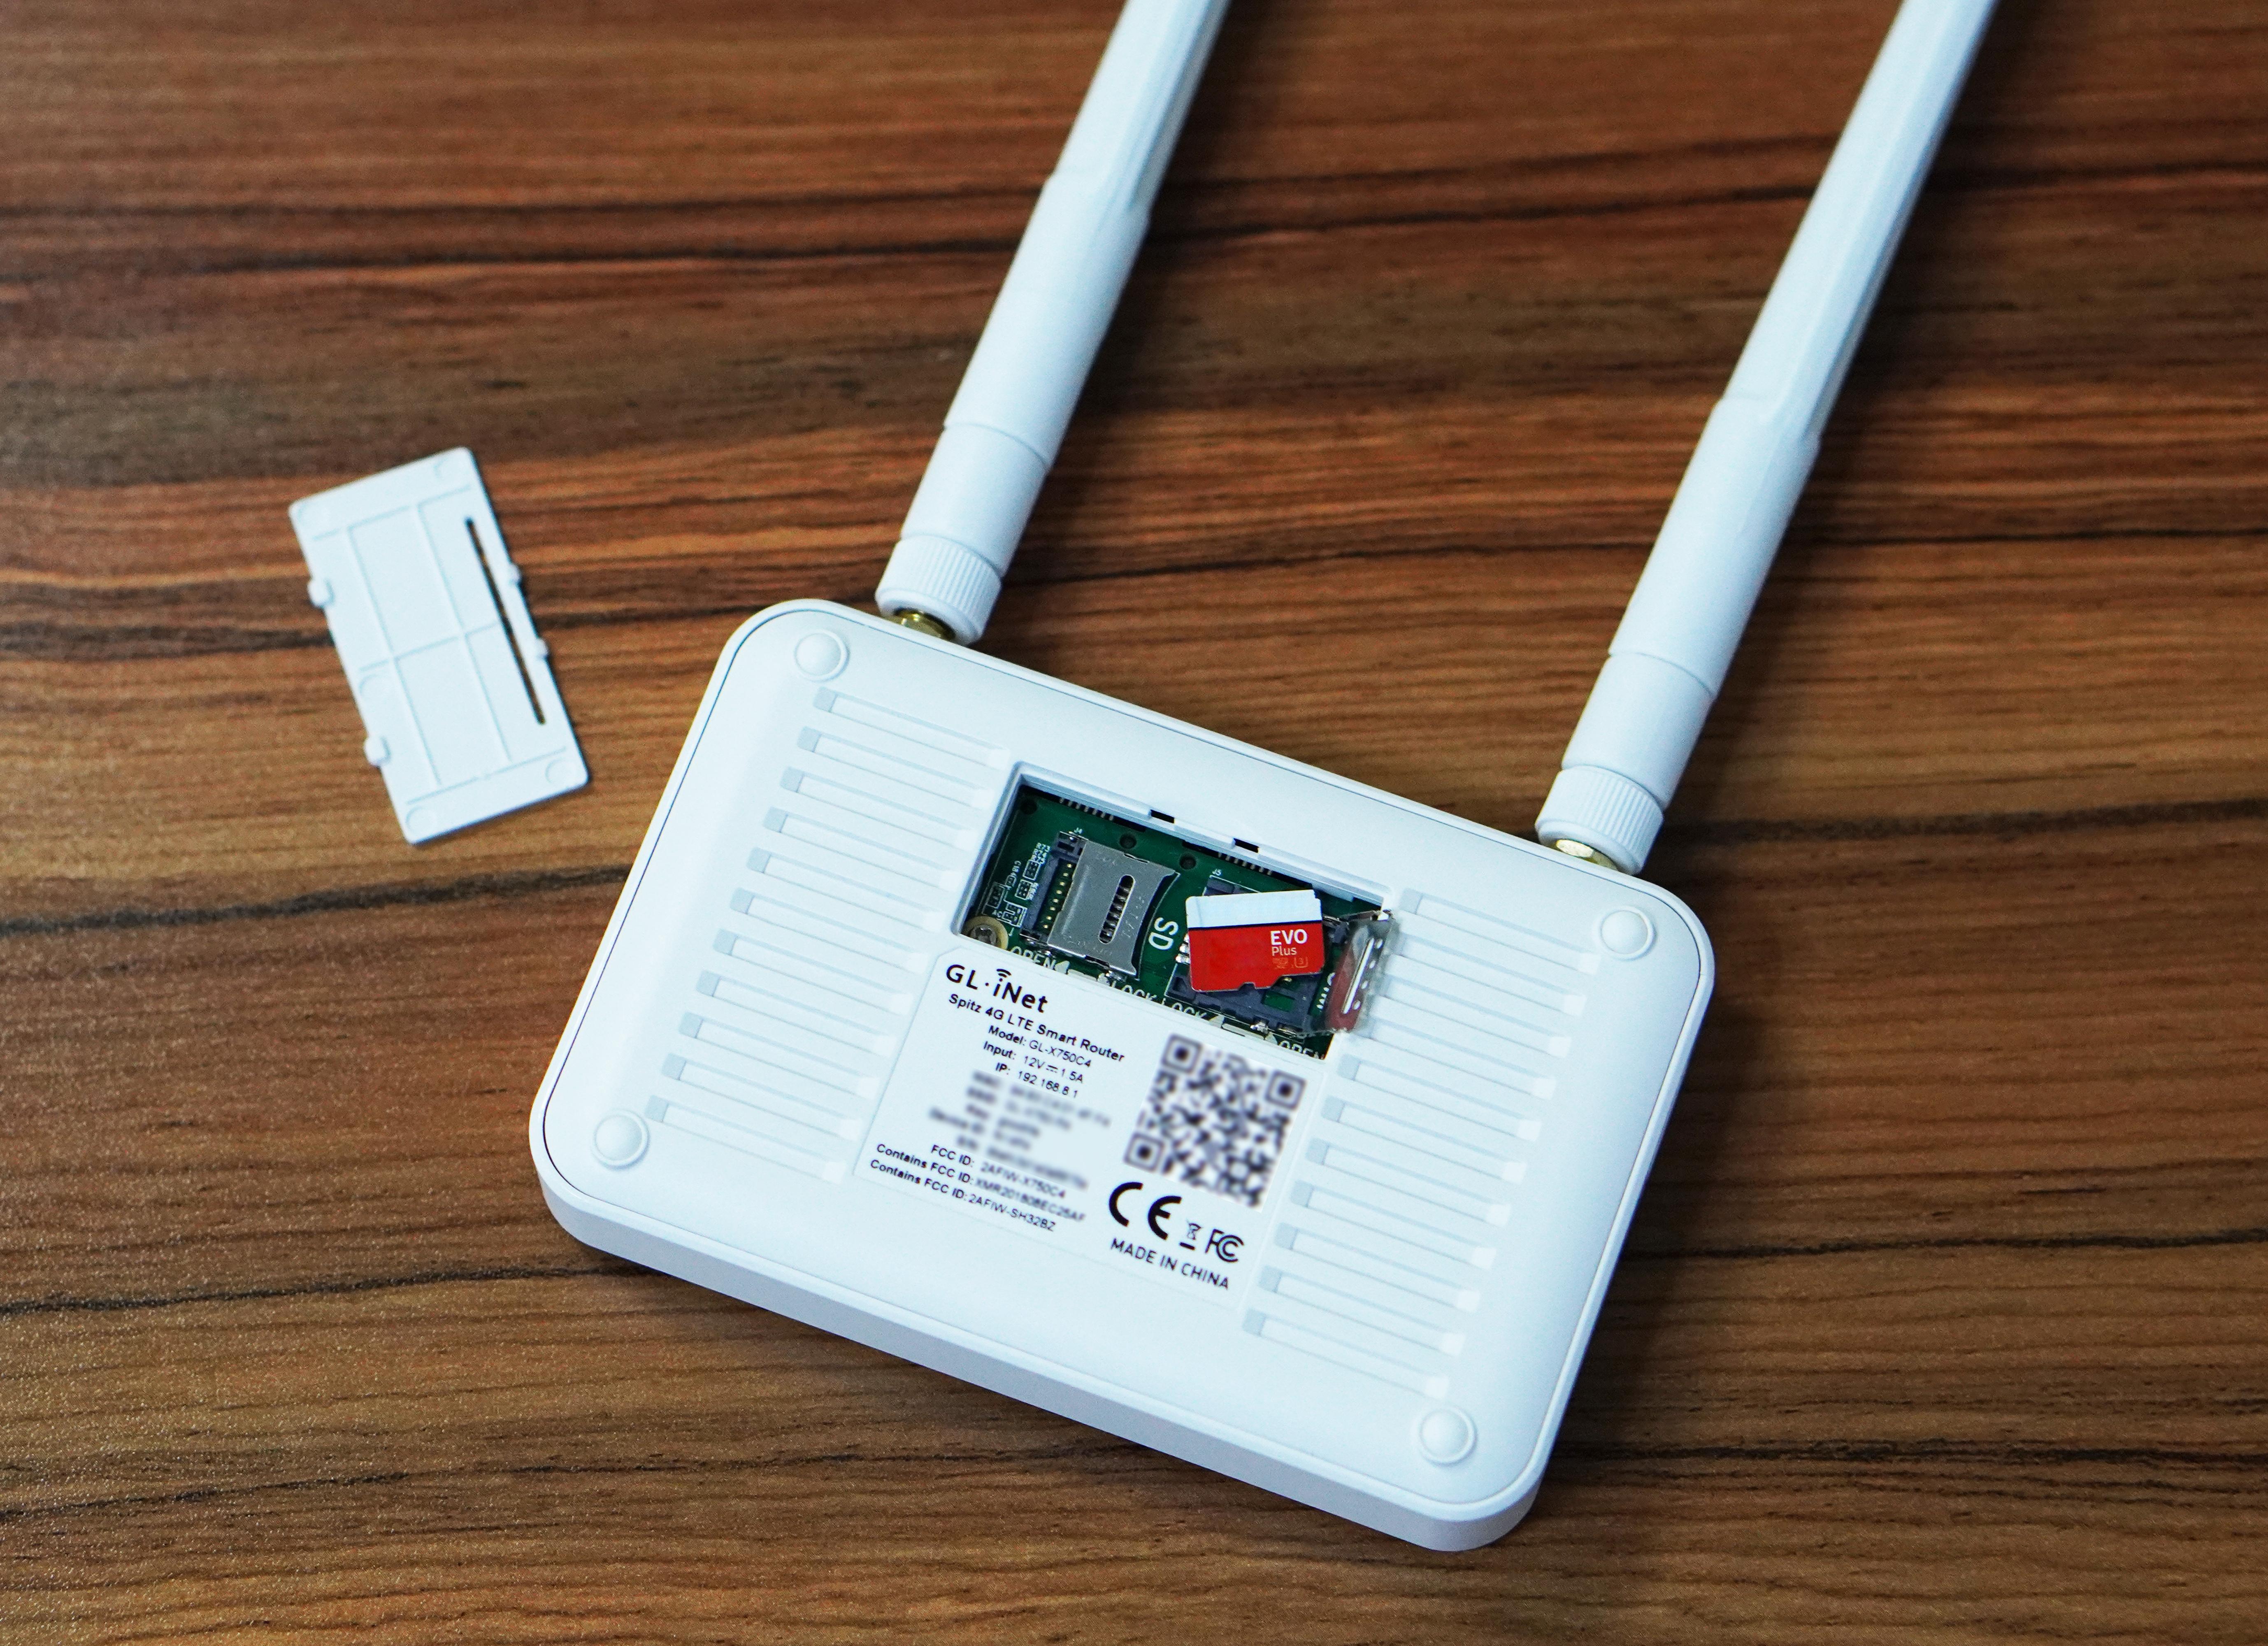 GL.iNet GL-X750V2